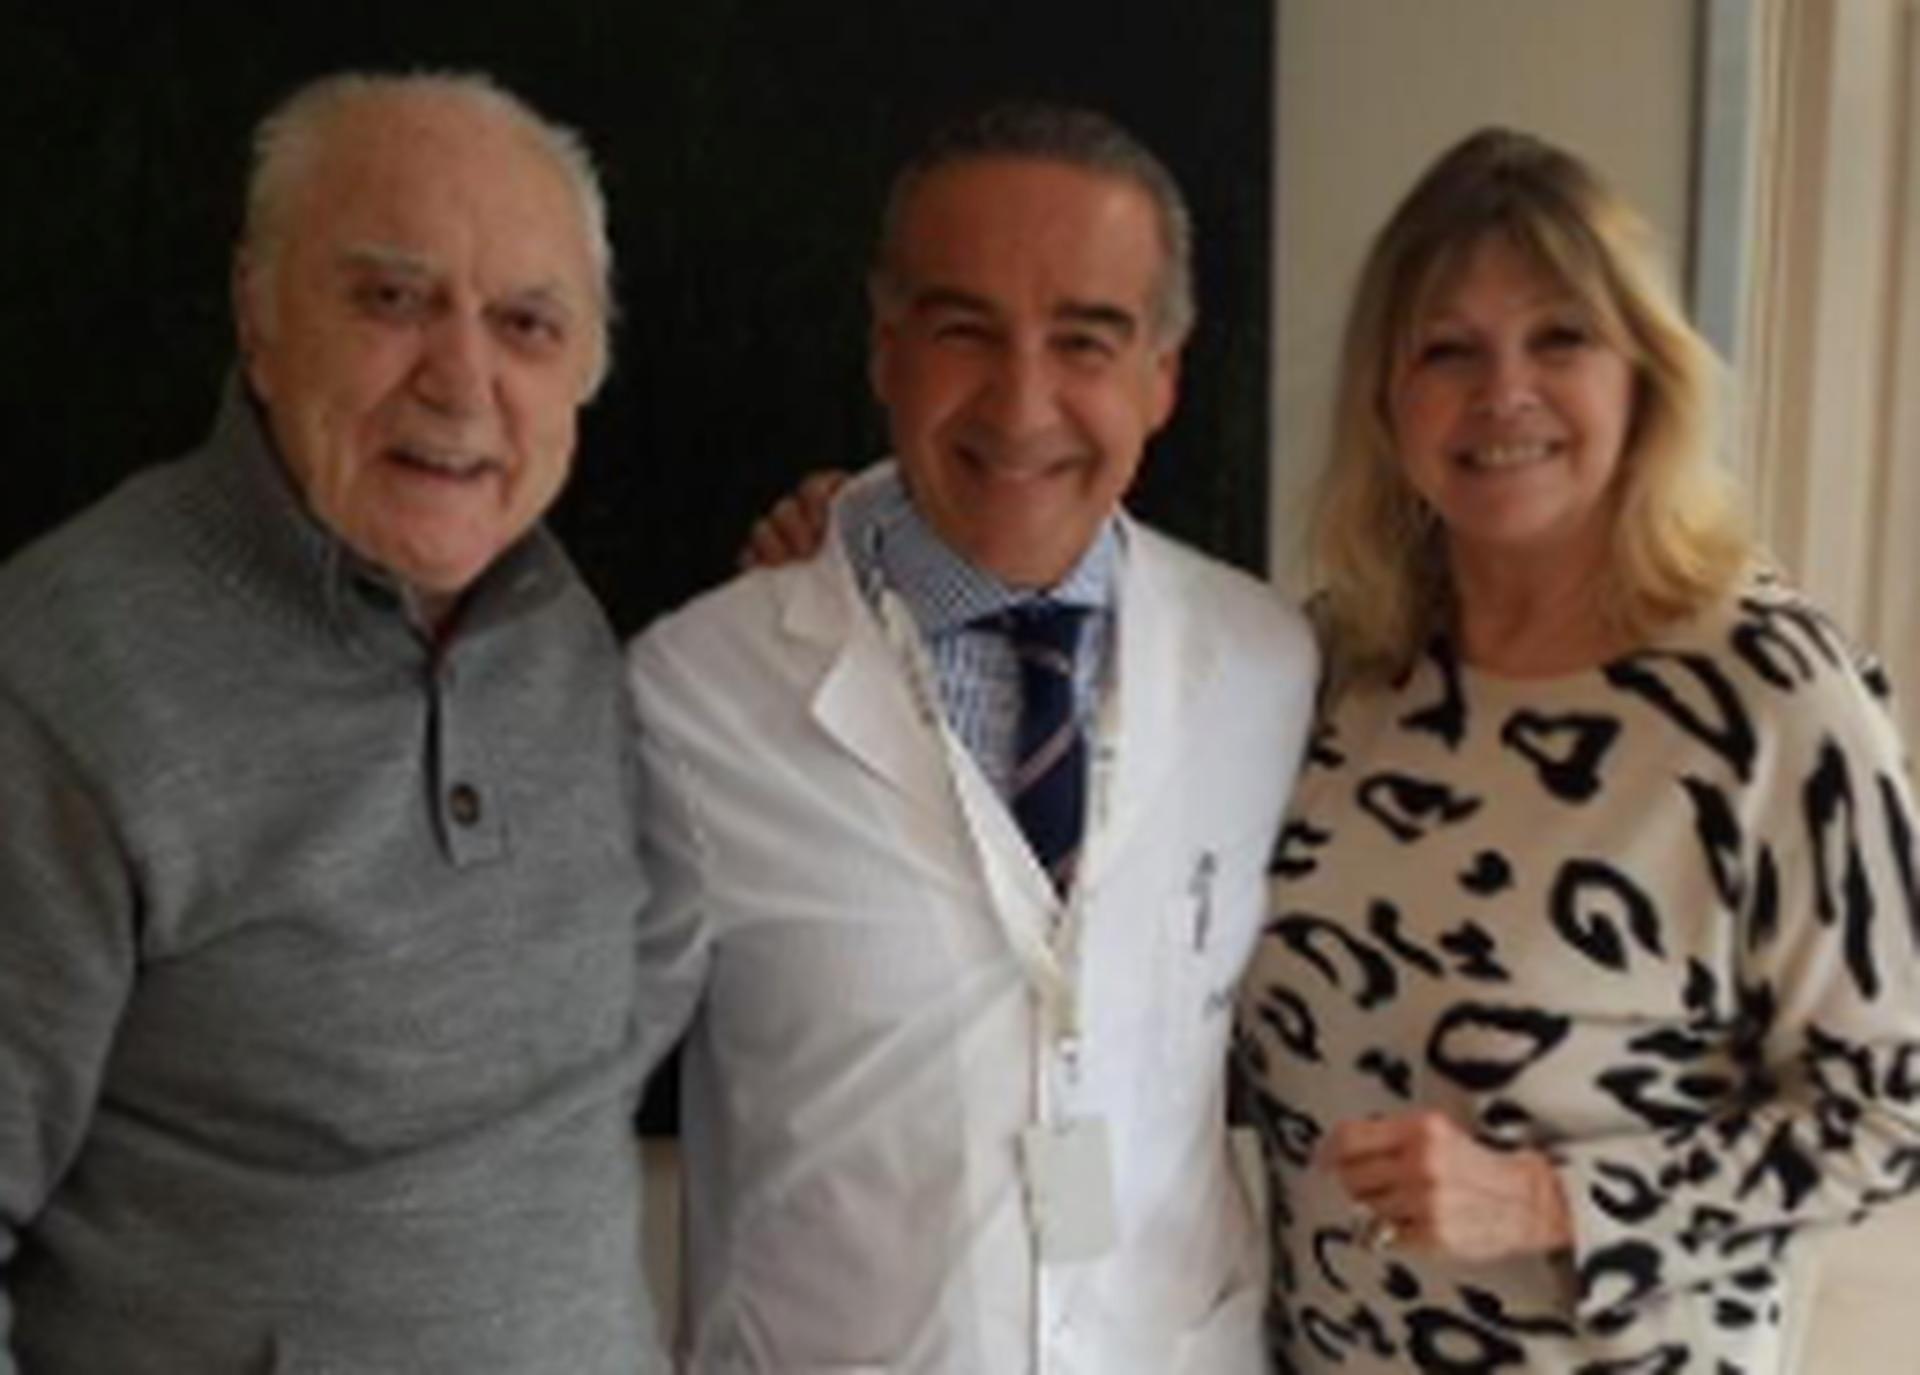 Cacho Fontana y Liliana Caldini, junto a un médico que atendió al locutor